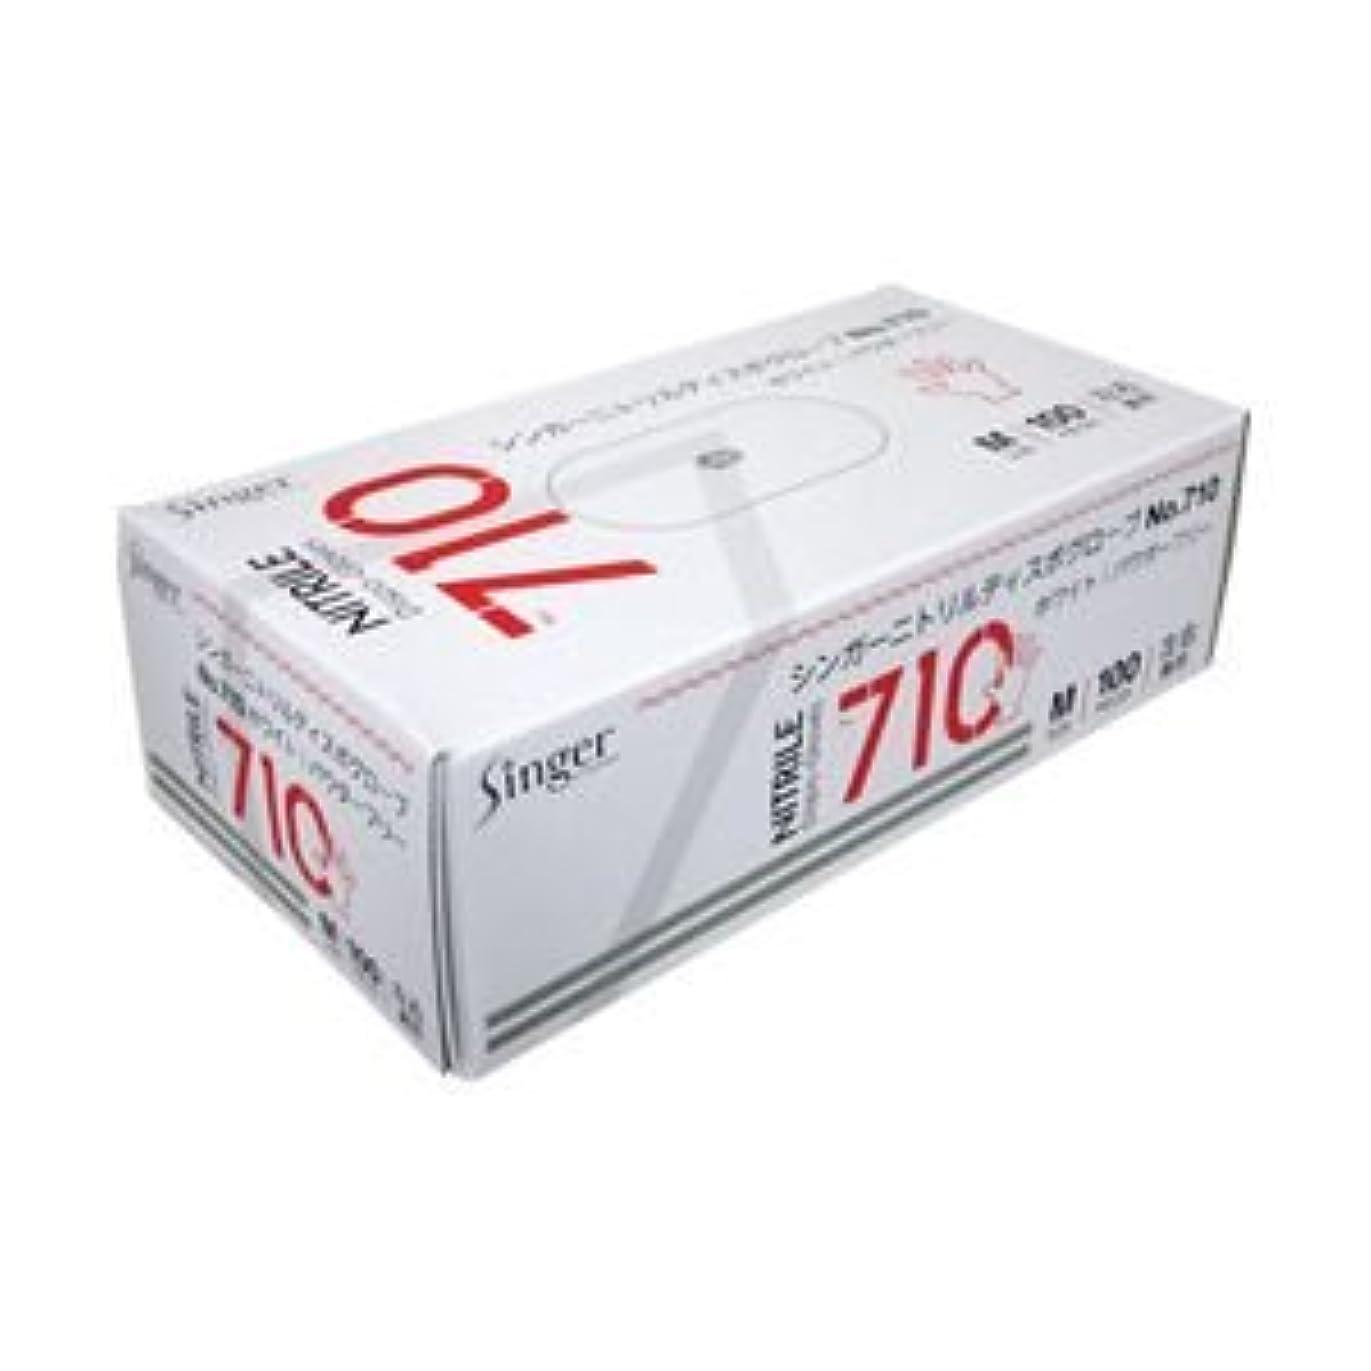 ガロン外科医権限を与える宇都宮製作 ニトリル手袋710 粉なし M 1箱(100枚) ×5セット